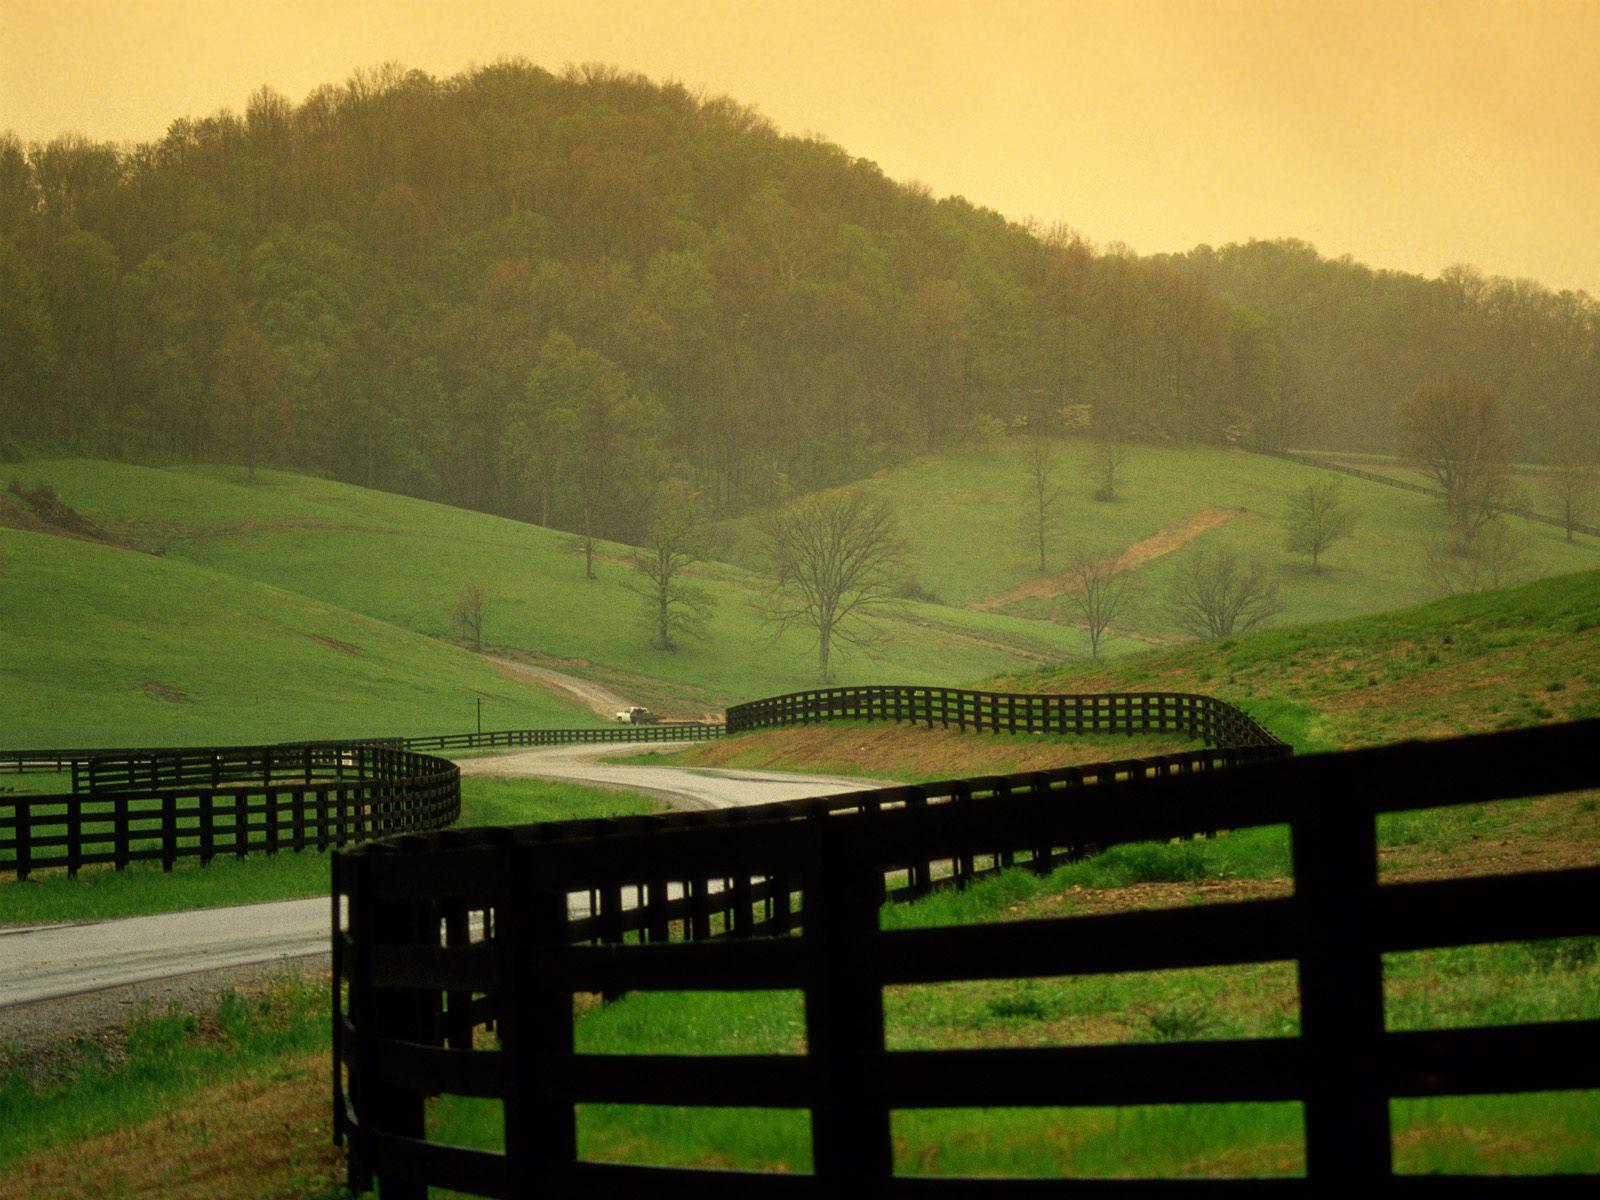 urban living vs rural living essays